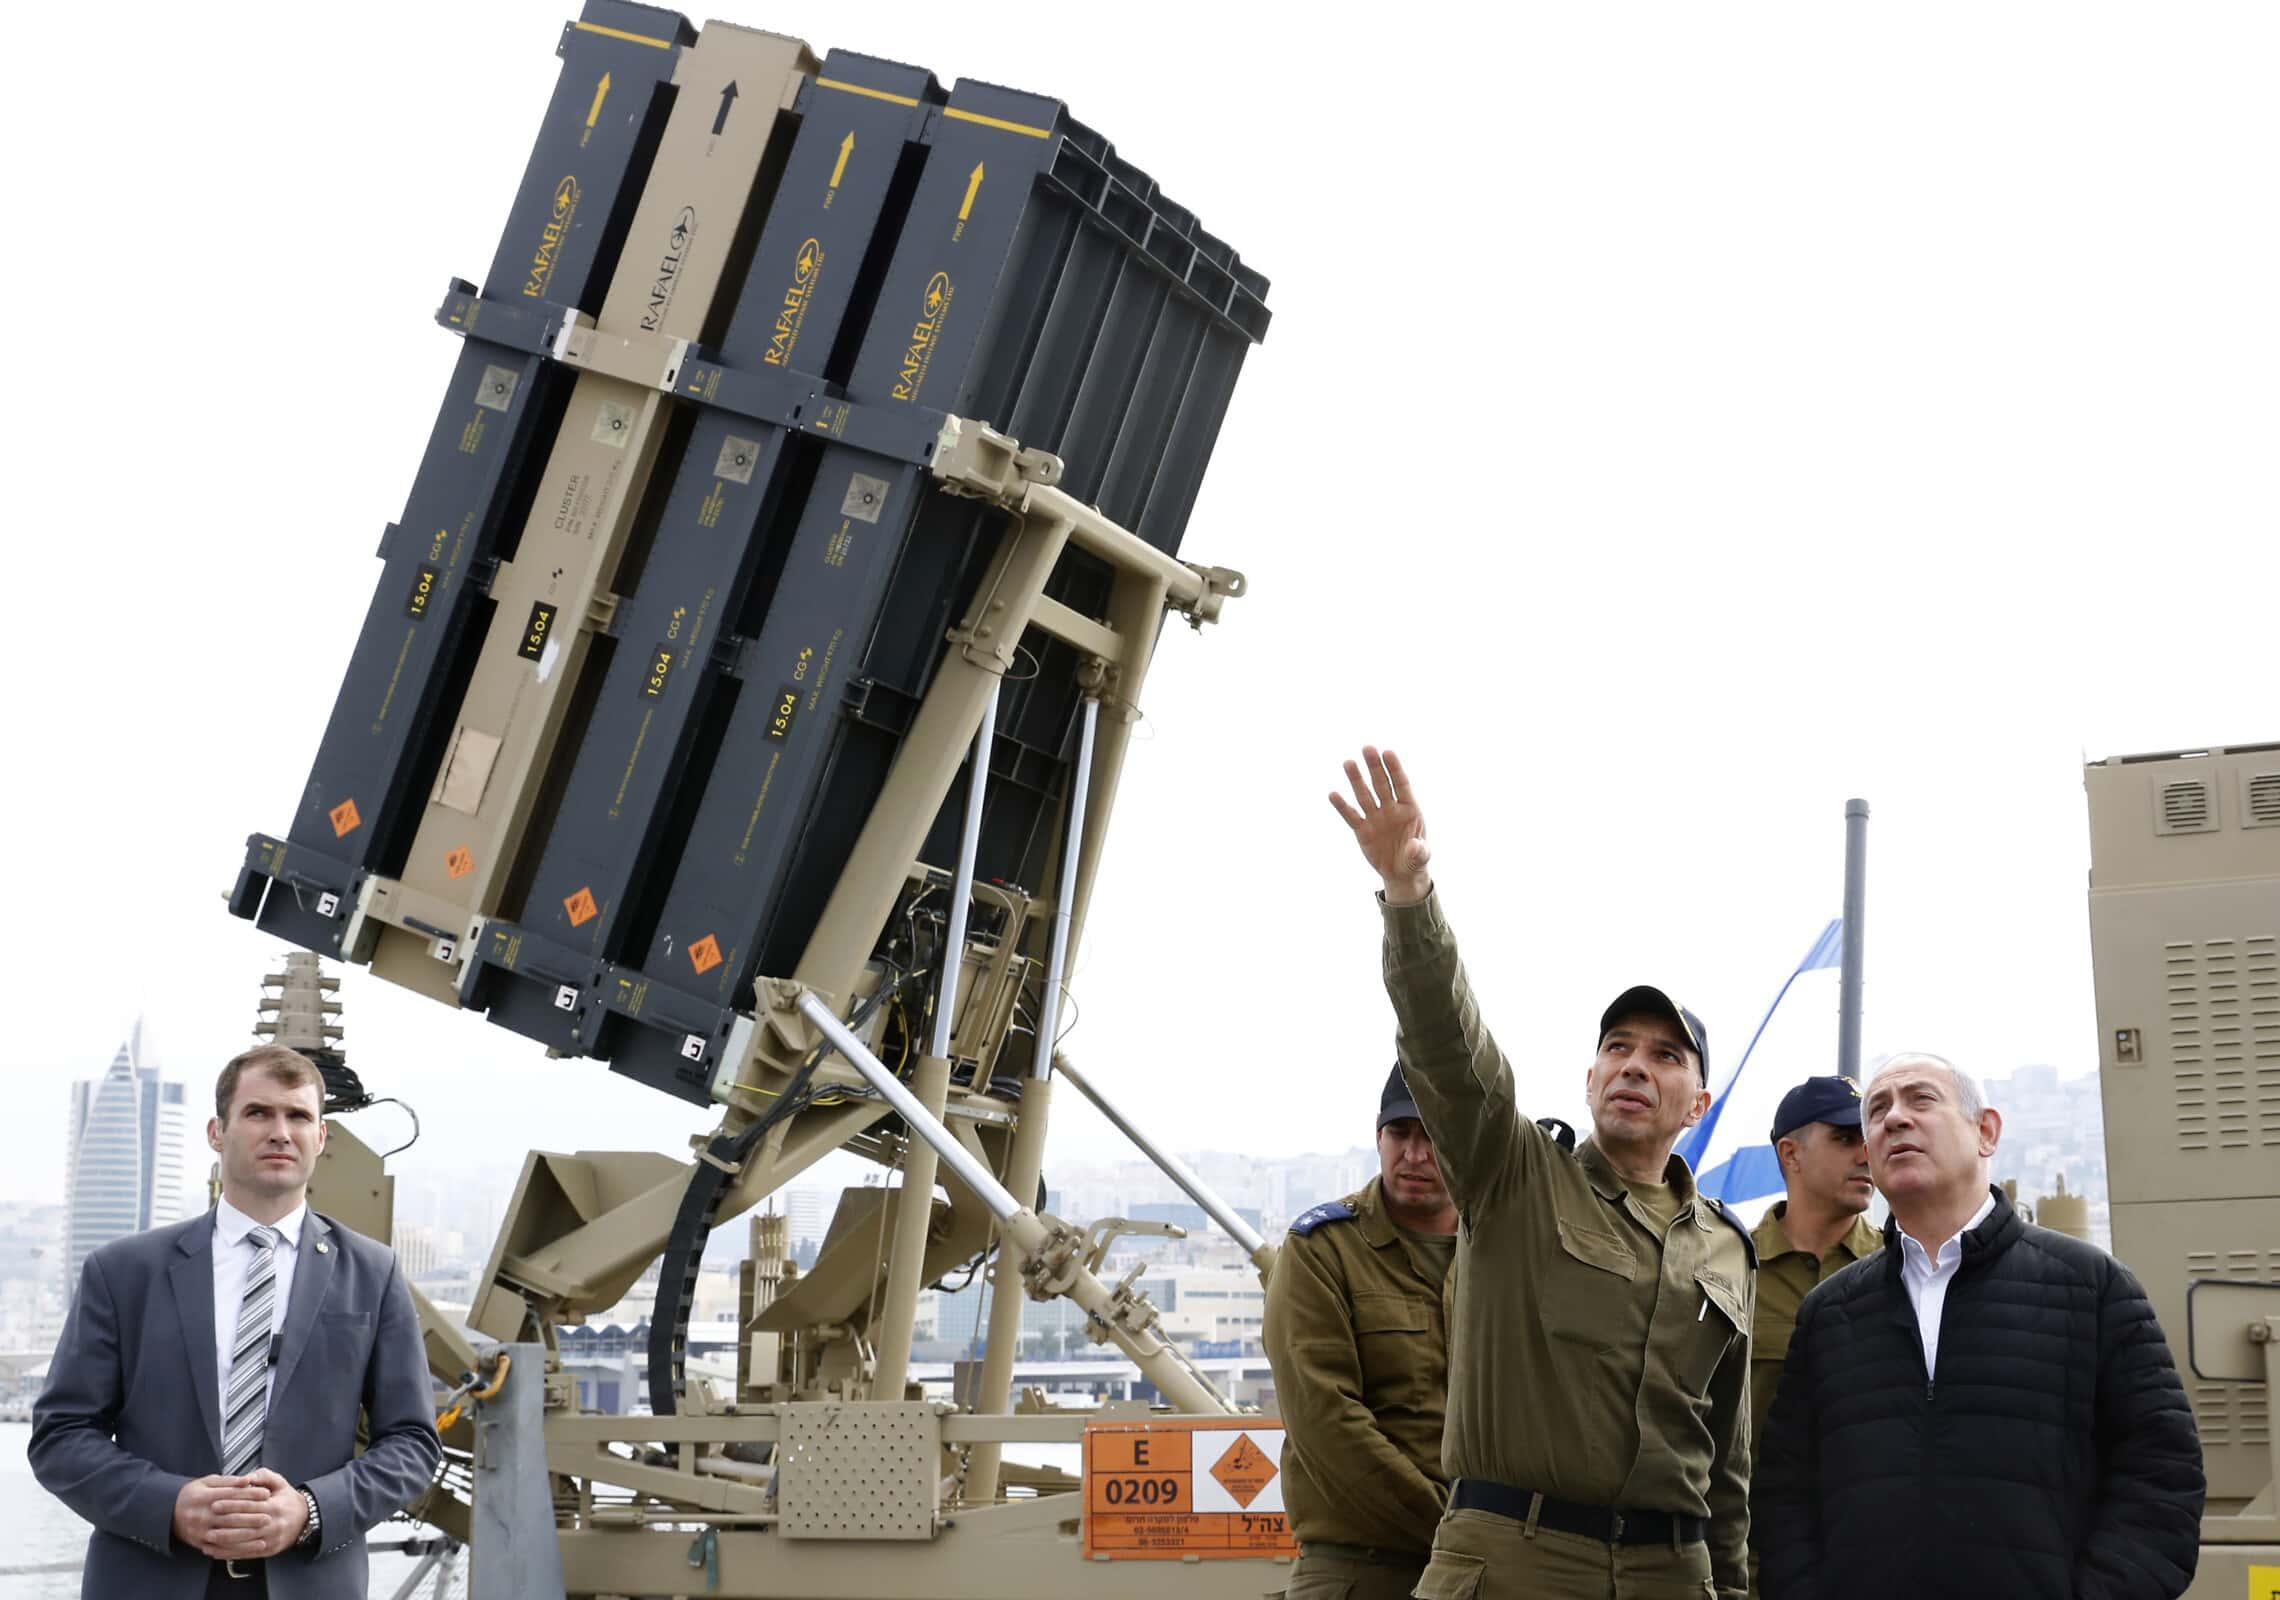 ראש הממשלה בנימין נתניהו מבקר בסוללת כיפת ברזל אשר הוצבה על קורבט סער 5 בחיל הים, 12 בפברואר 2019 (צילום: Jack Guez/POOL via AP)